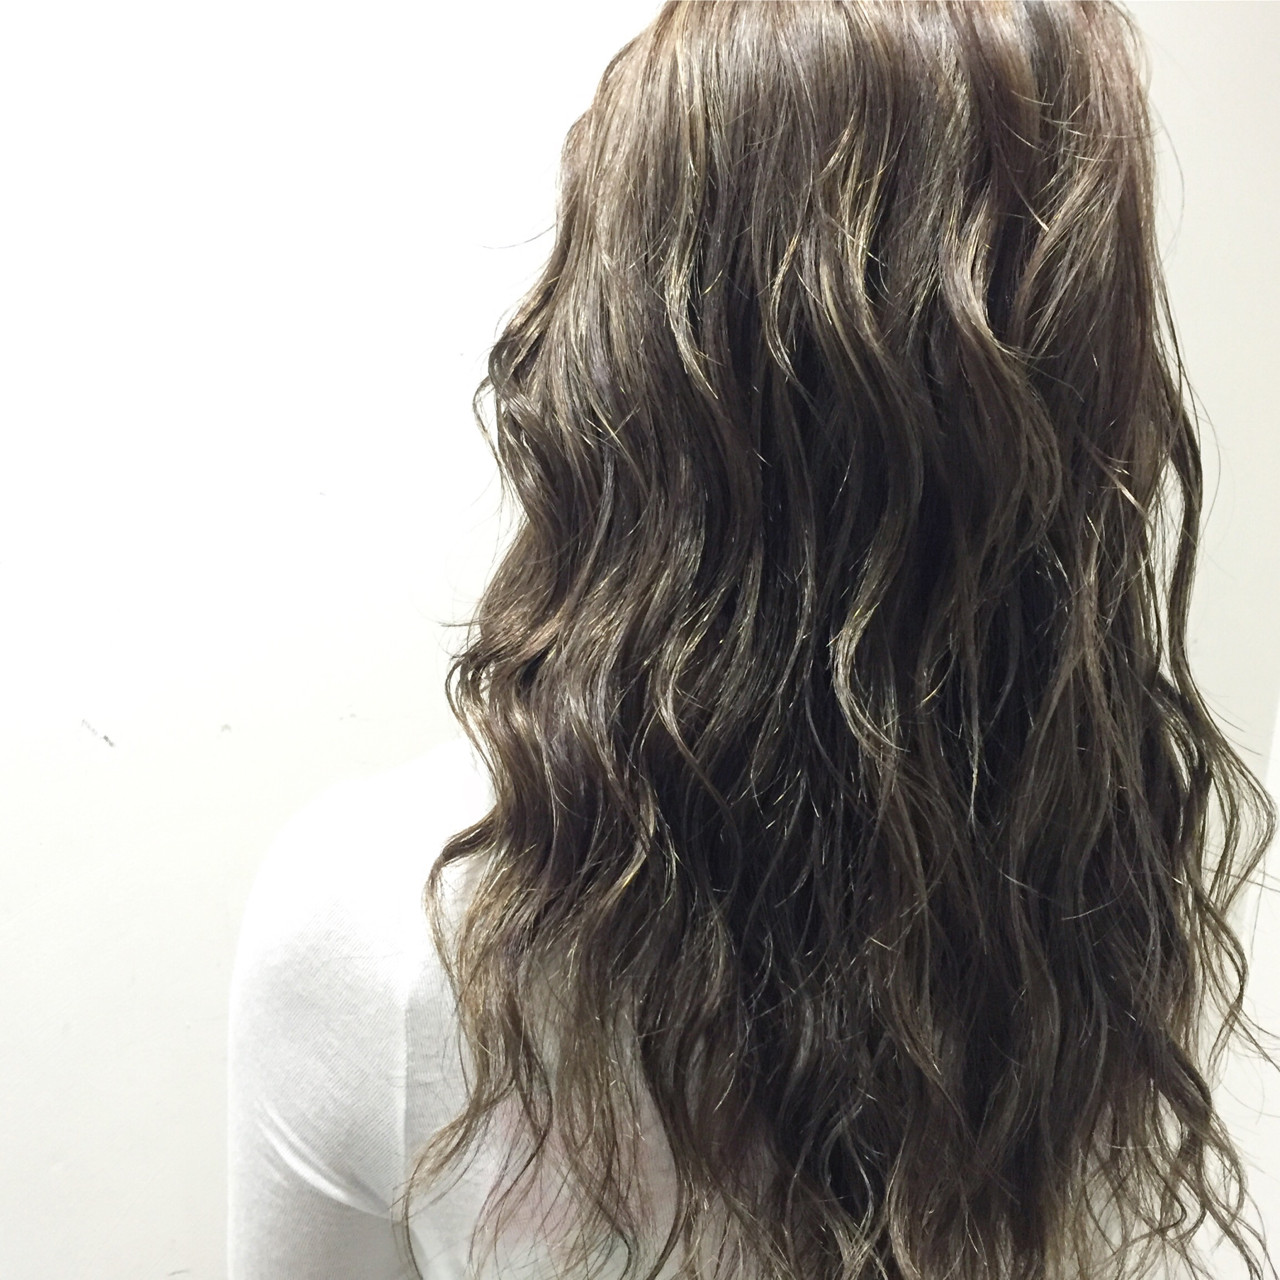 グラデーションカラー ハイライト セミロング 外国人風 ヘアスタイルや髪型の写真・画像